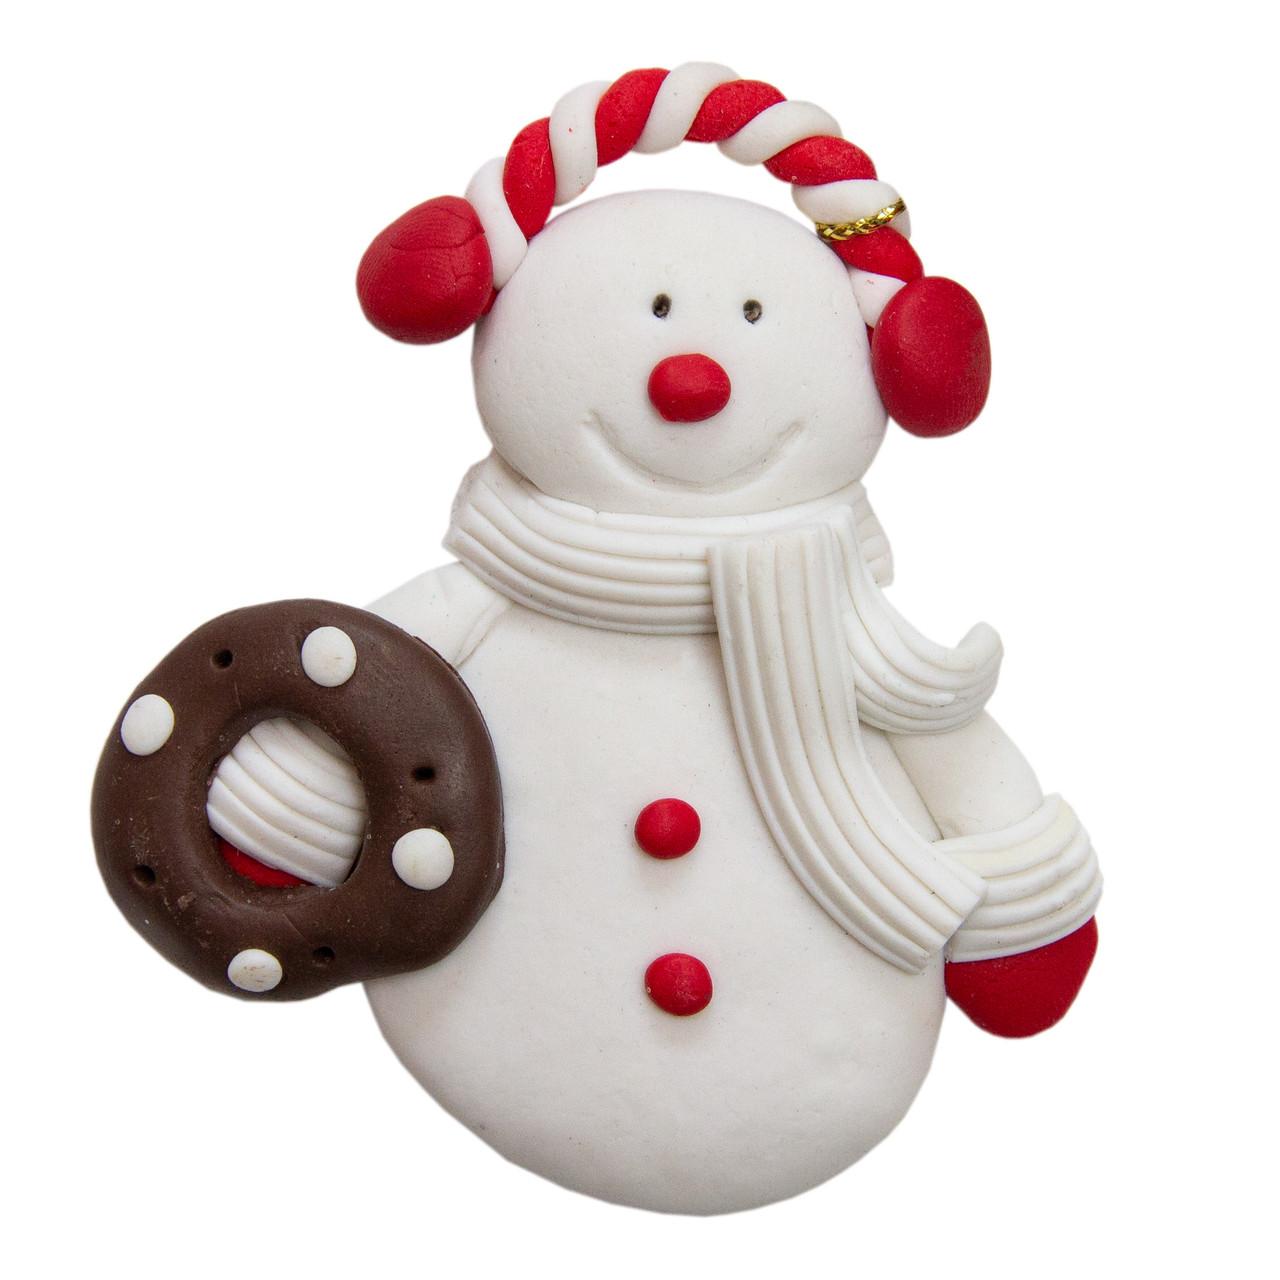 Елочная Новогодняя сувенирная фигурка Снеговик, полирезин, 8см, (000661-4)